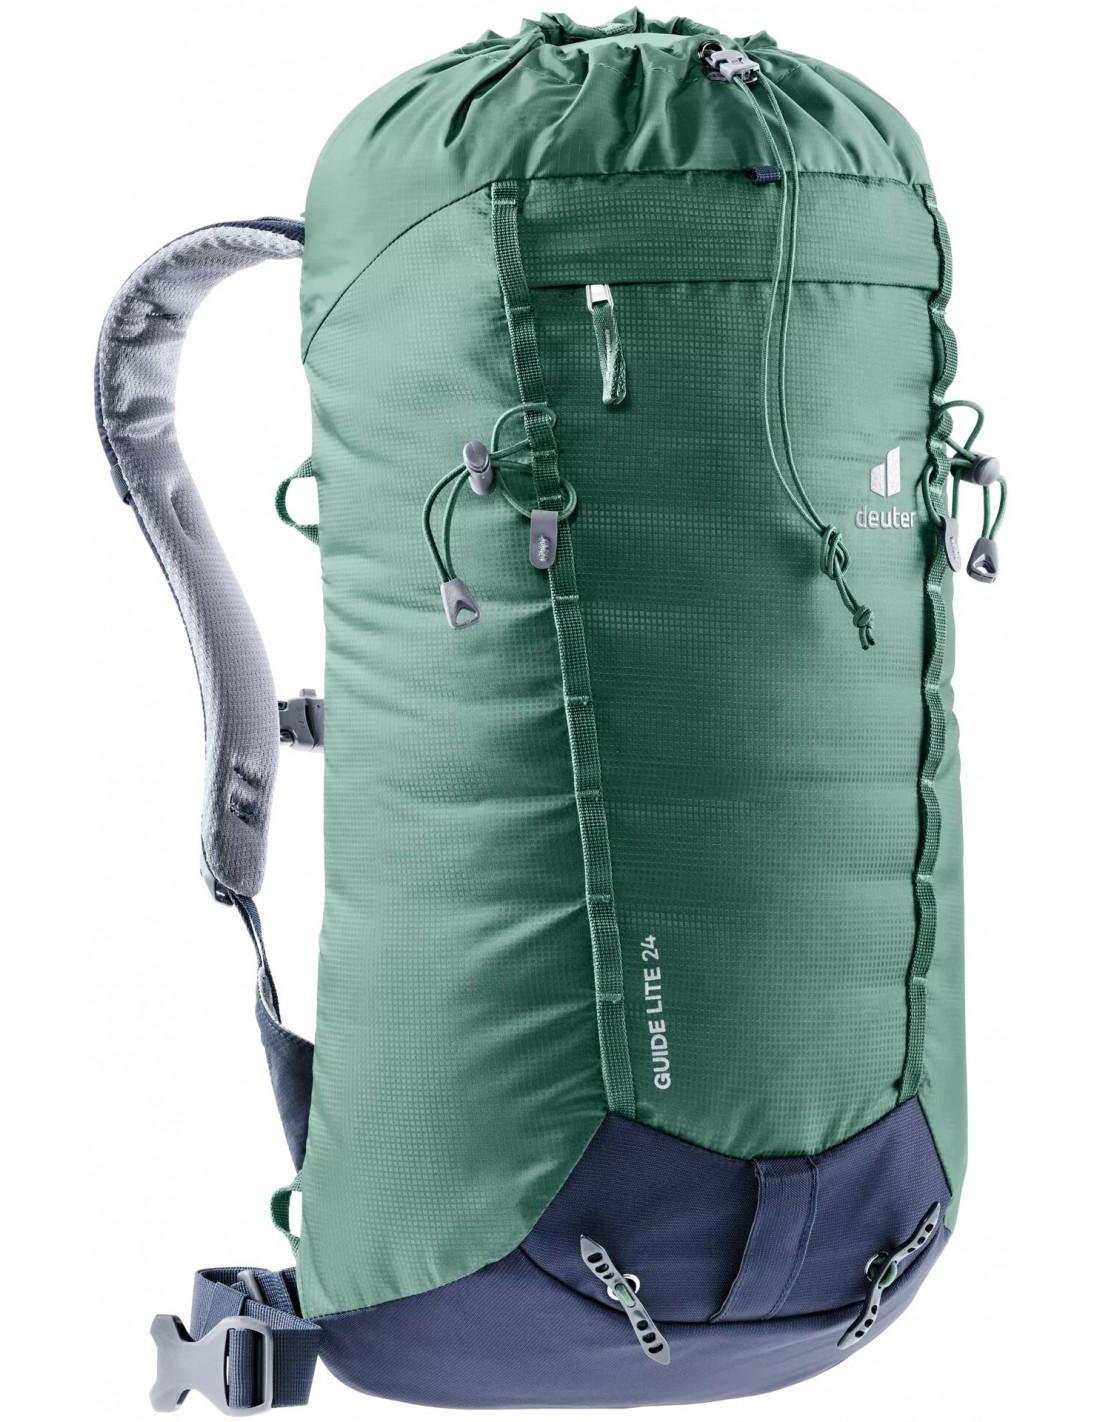 Deuter Rucksack Guide Lite 24, seagreen-navy Rucksackart - Wandern & Trekki günstig online kaufen